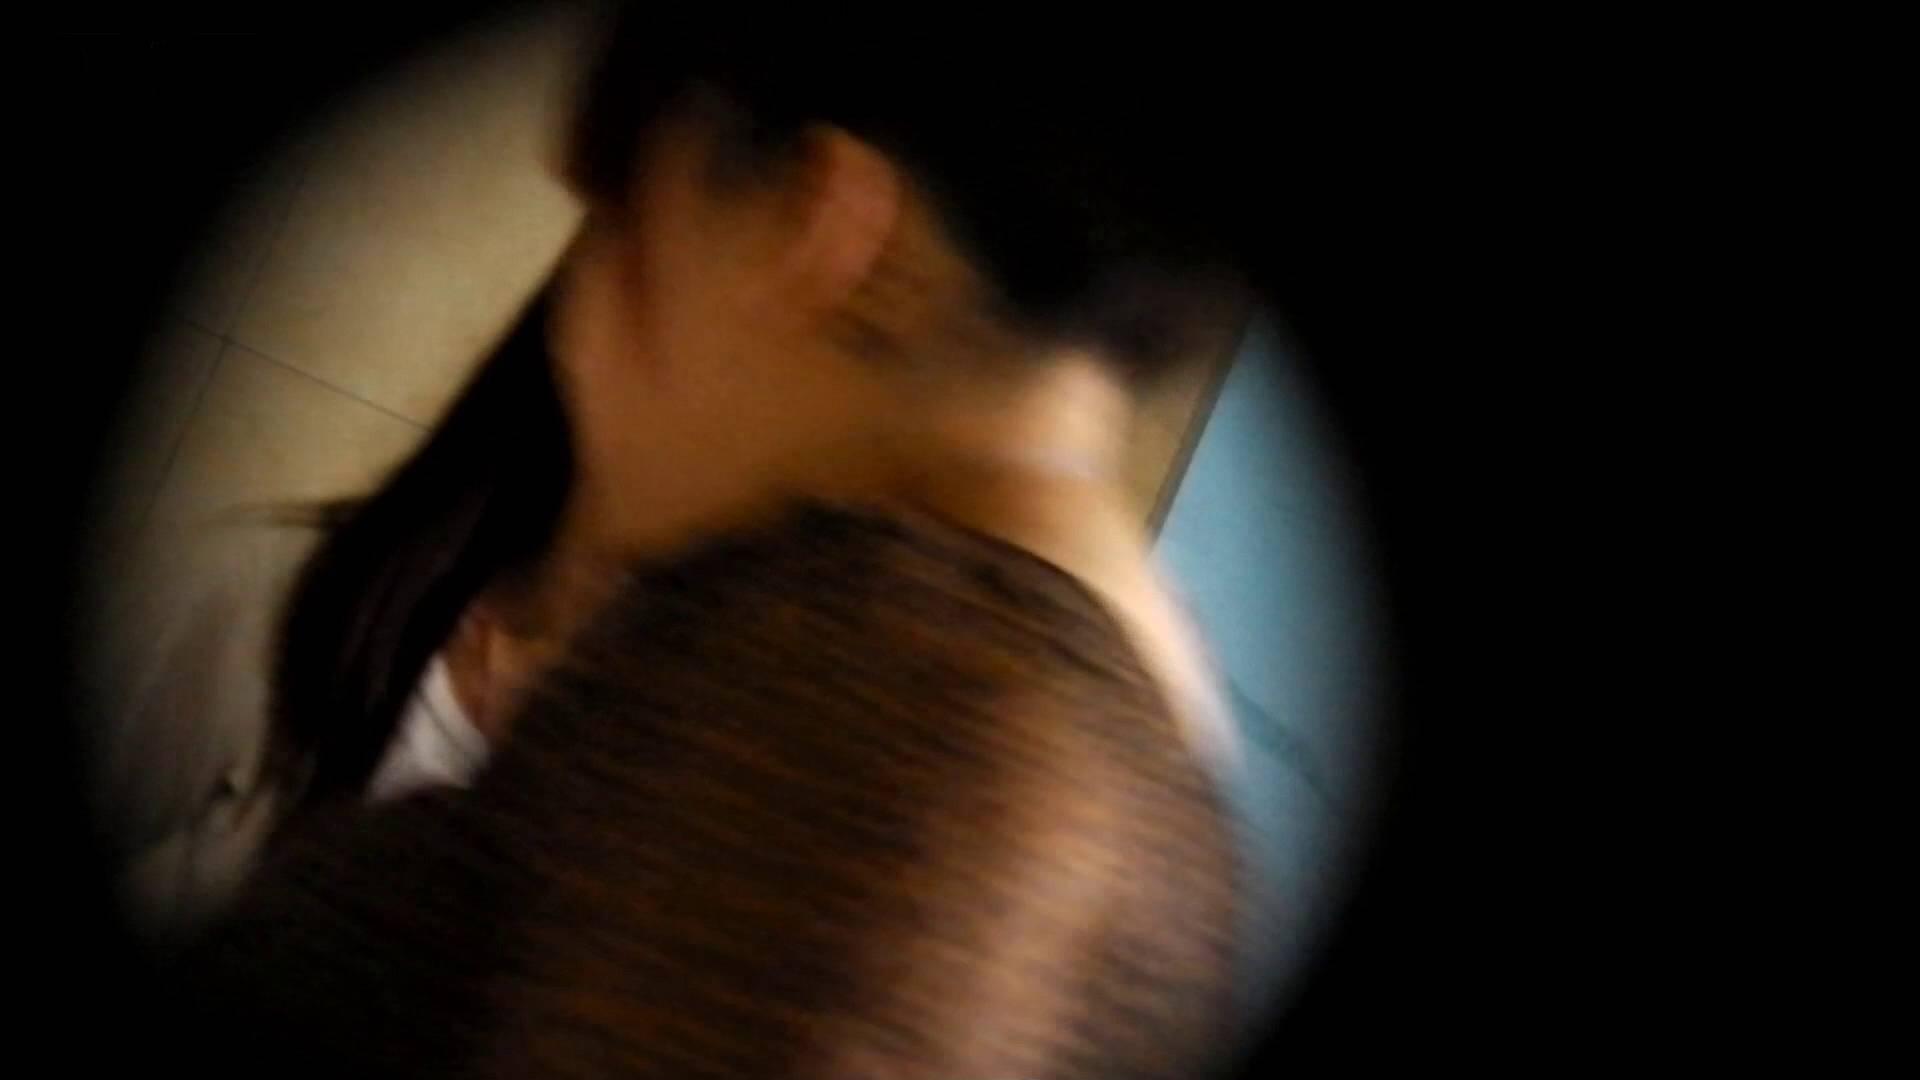 ステーション編 vol.33 勢い良すぎで足元ビショビショ。 ギャル攻め おめこ無修正動画無料 111画像 92